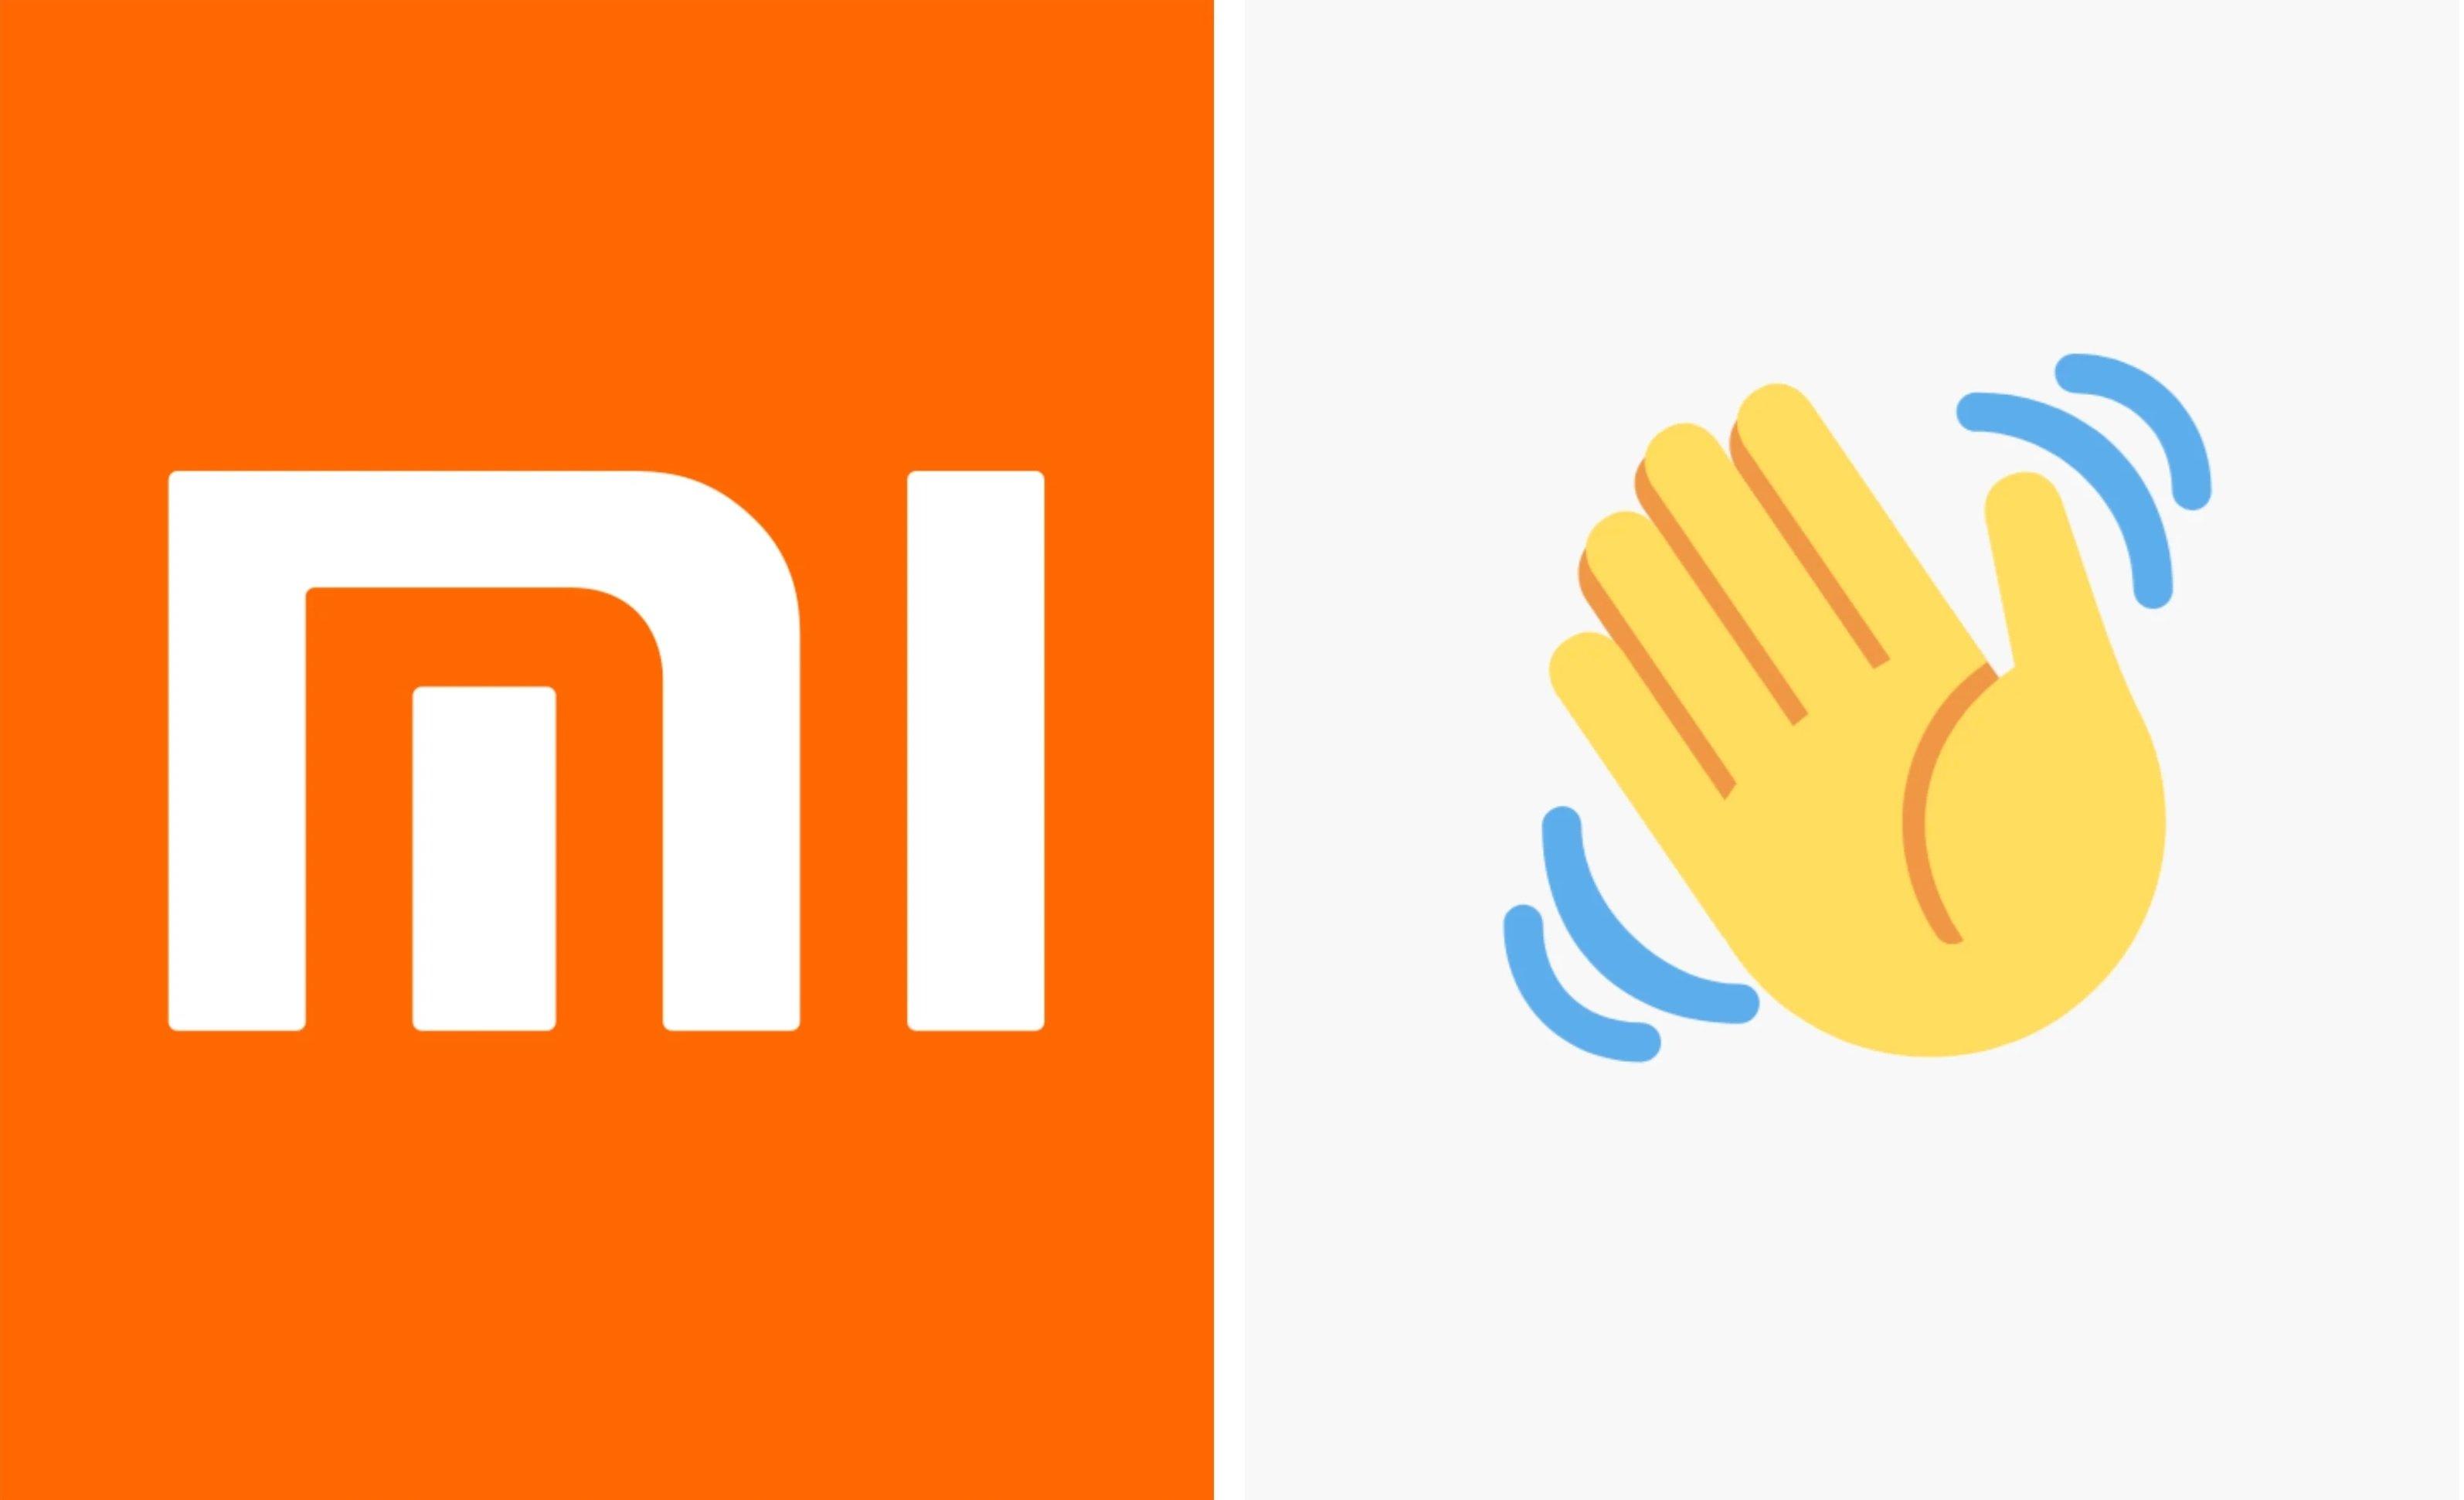 شیائومی MiTalk به عنوان نسخه چینی شبکه اجتماعی «کلاب هاوس» دوباره راهاندازی شد